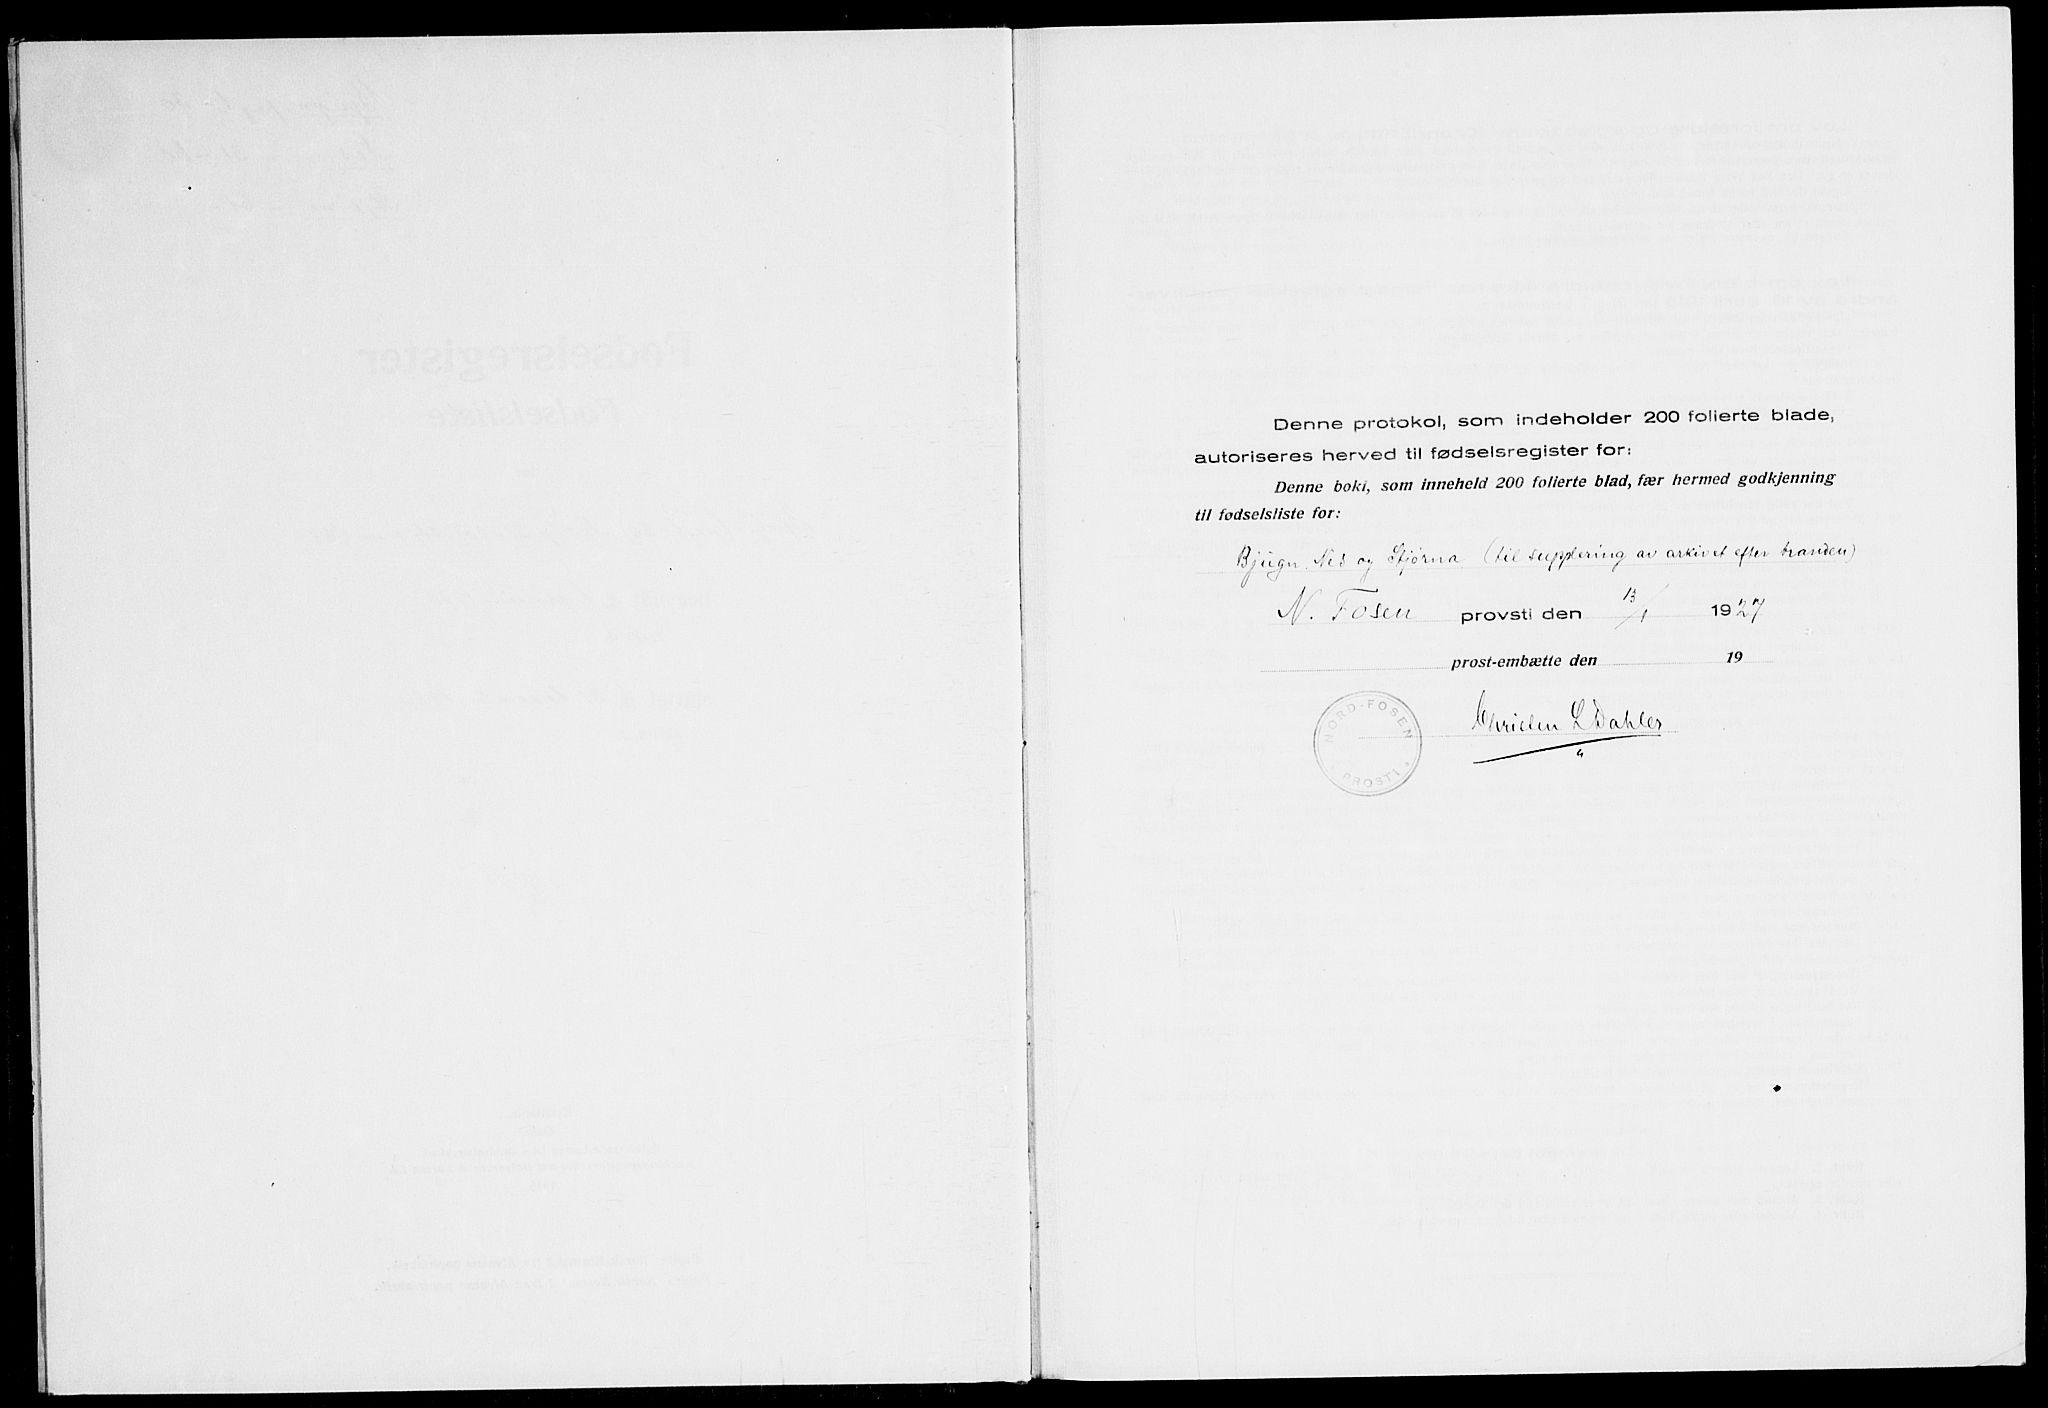 SAT, Ministerialprotokoller, klokkerbøker og fødselsregistre - Sør-Trøndelag, 651/L0650: Fødselsregister nr. 651.II.4.1, 1916-1923